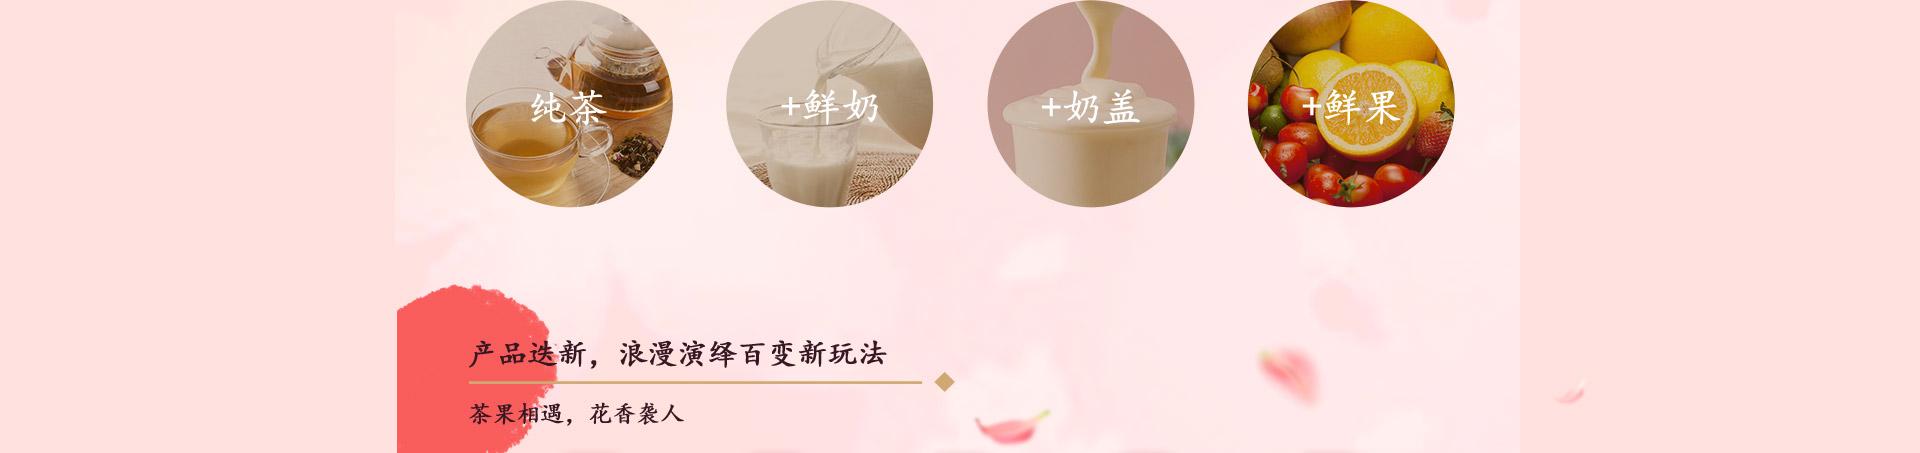 新式茶饮加盟